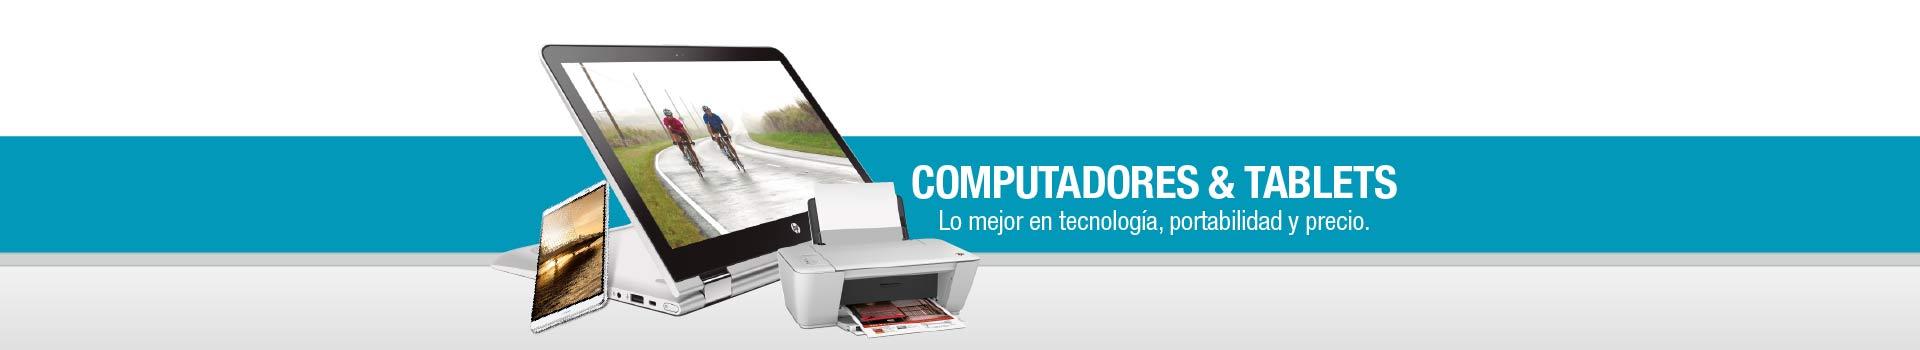 Categoría Computadores & Tablets